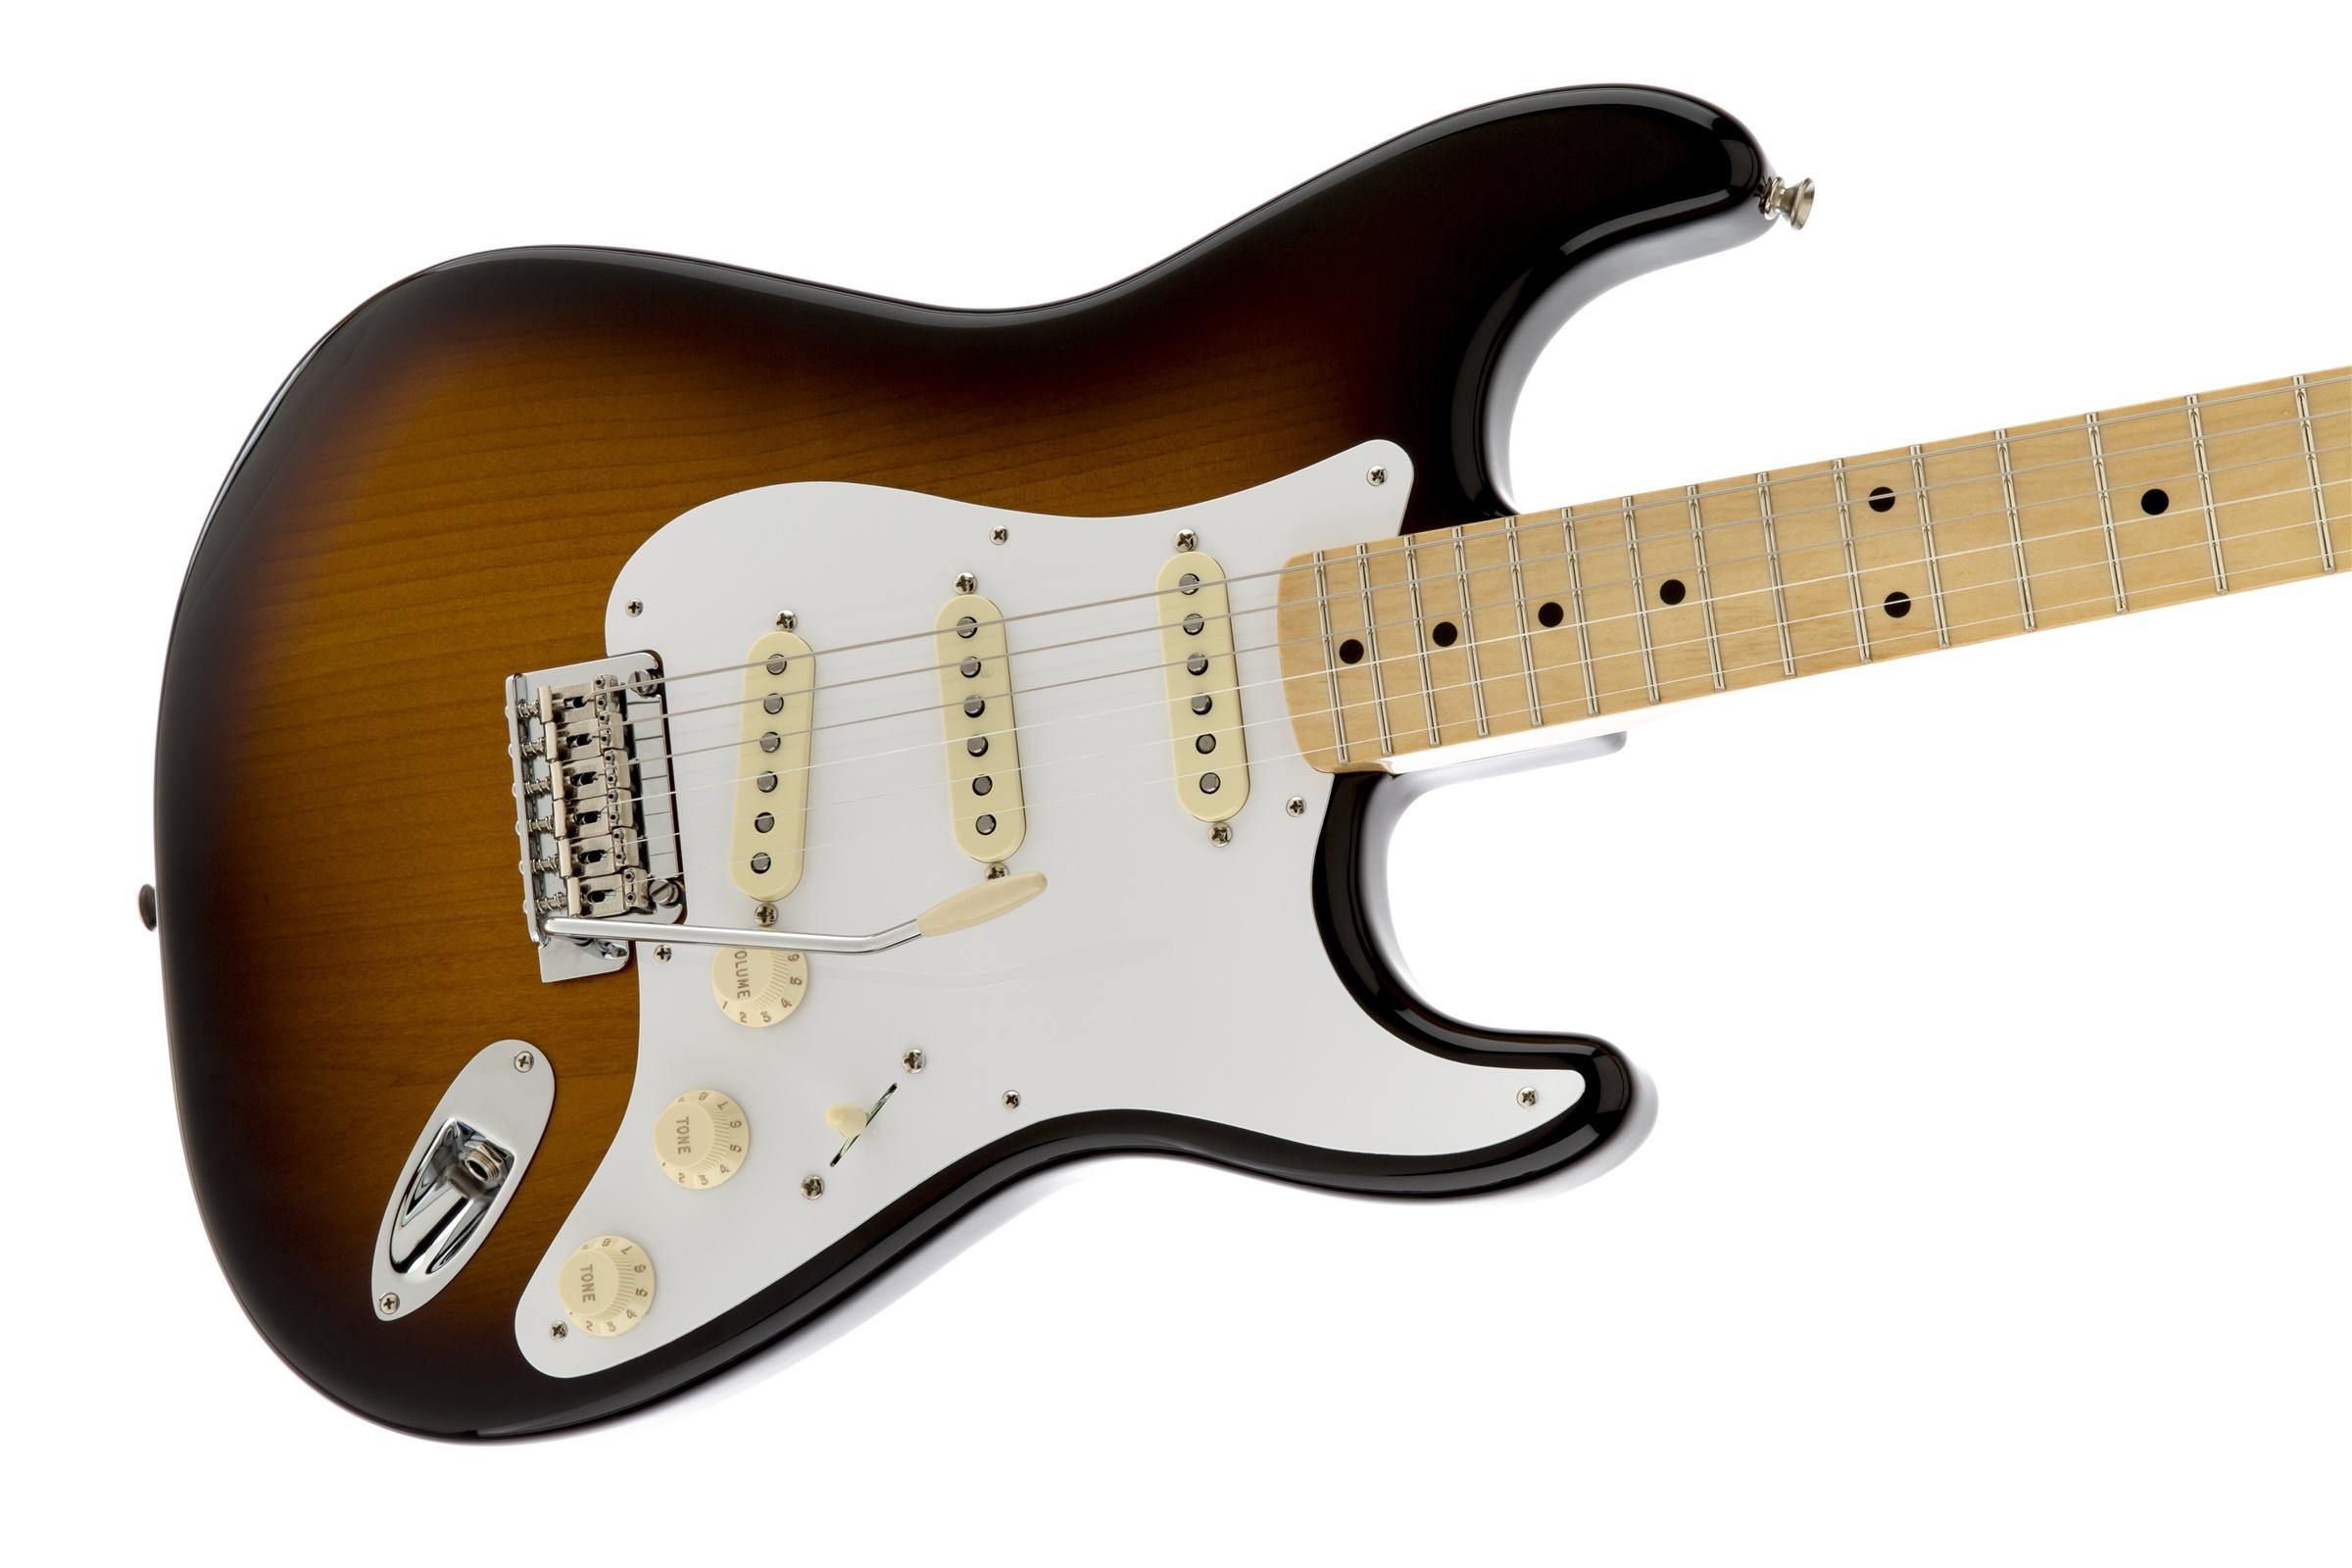 fender classic player 39 50s stratocaster maple fingerboard 2 color sunburst. Black Bedroom Furniture Sets. Home Design Ideas